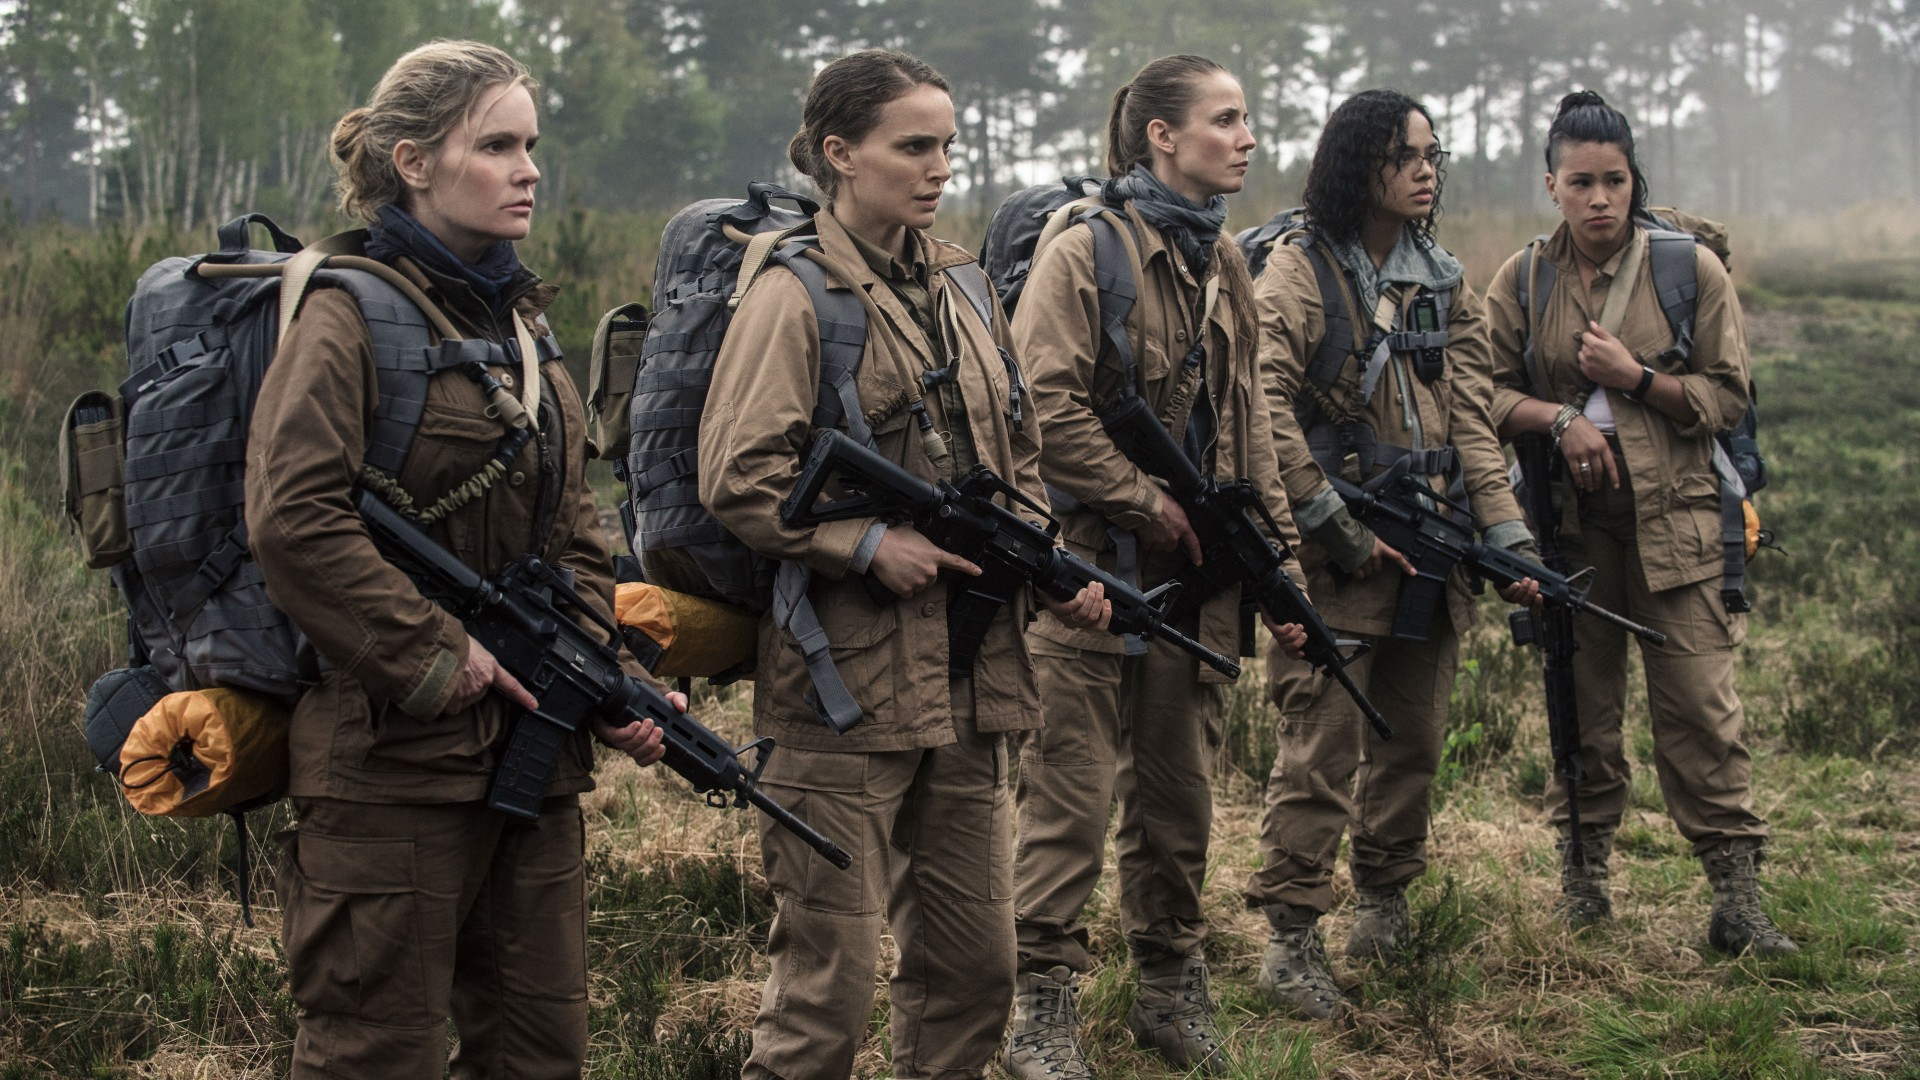 Просто фантастические женщины! 5 отличных фантастических фильмов с женскими персонажами в центре